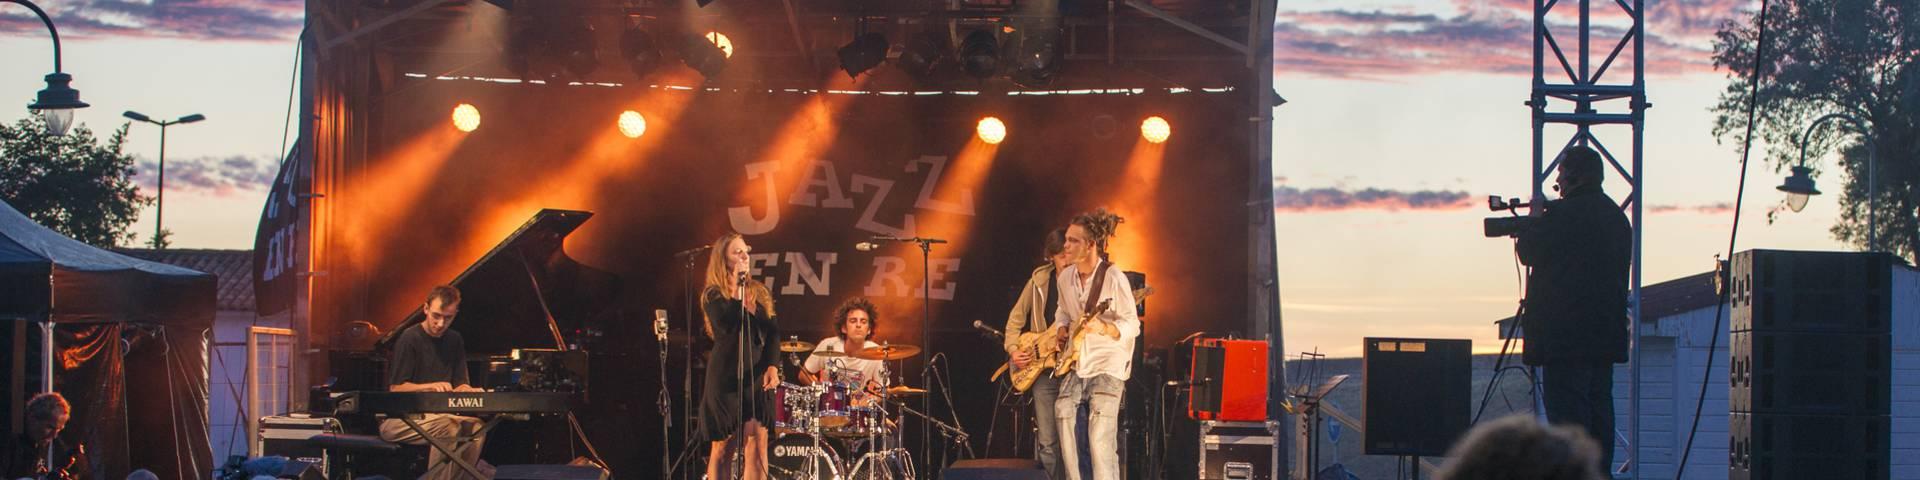 jazz_en_re_st_martin par yann_werdefroy.jpg